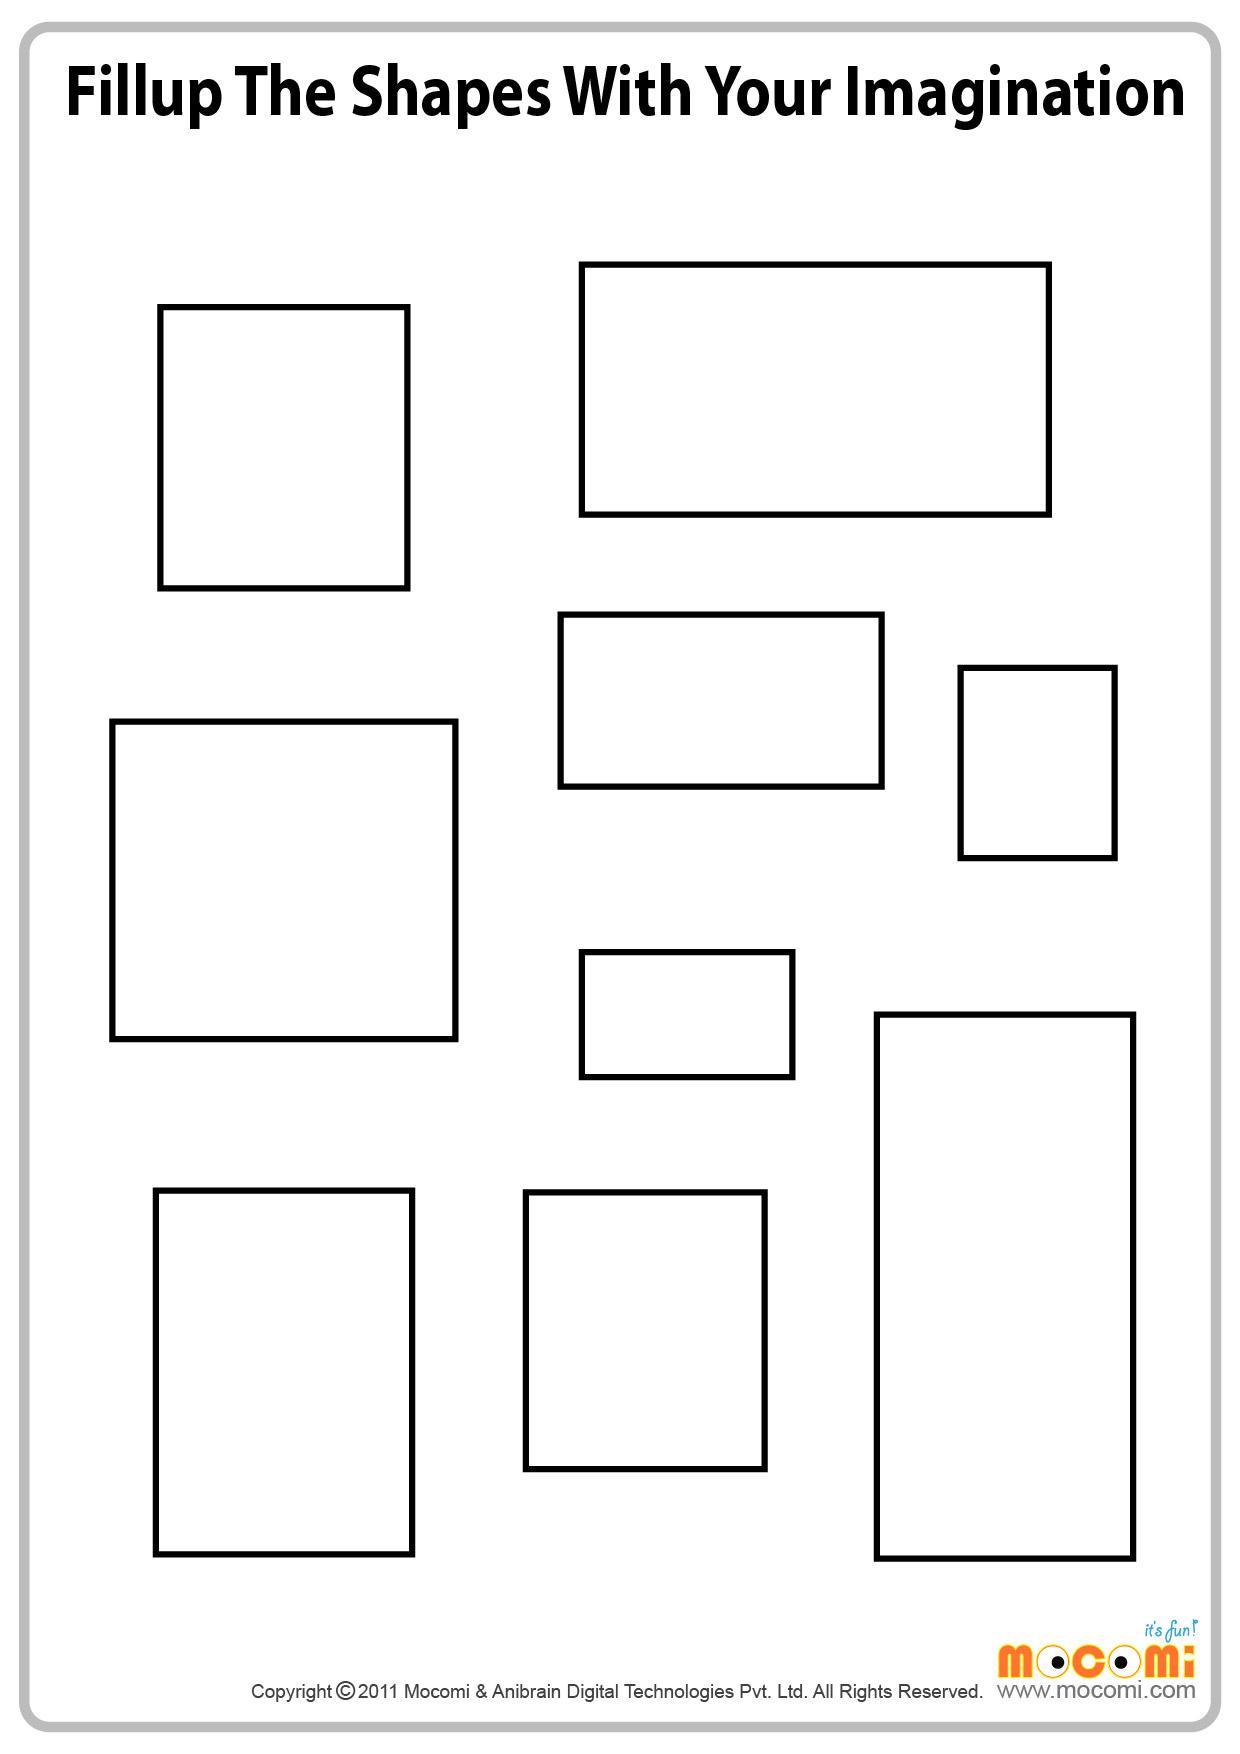 Imagining shapes (III)